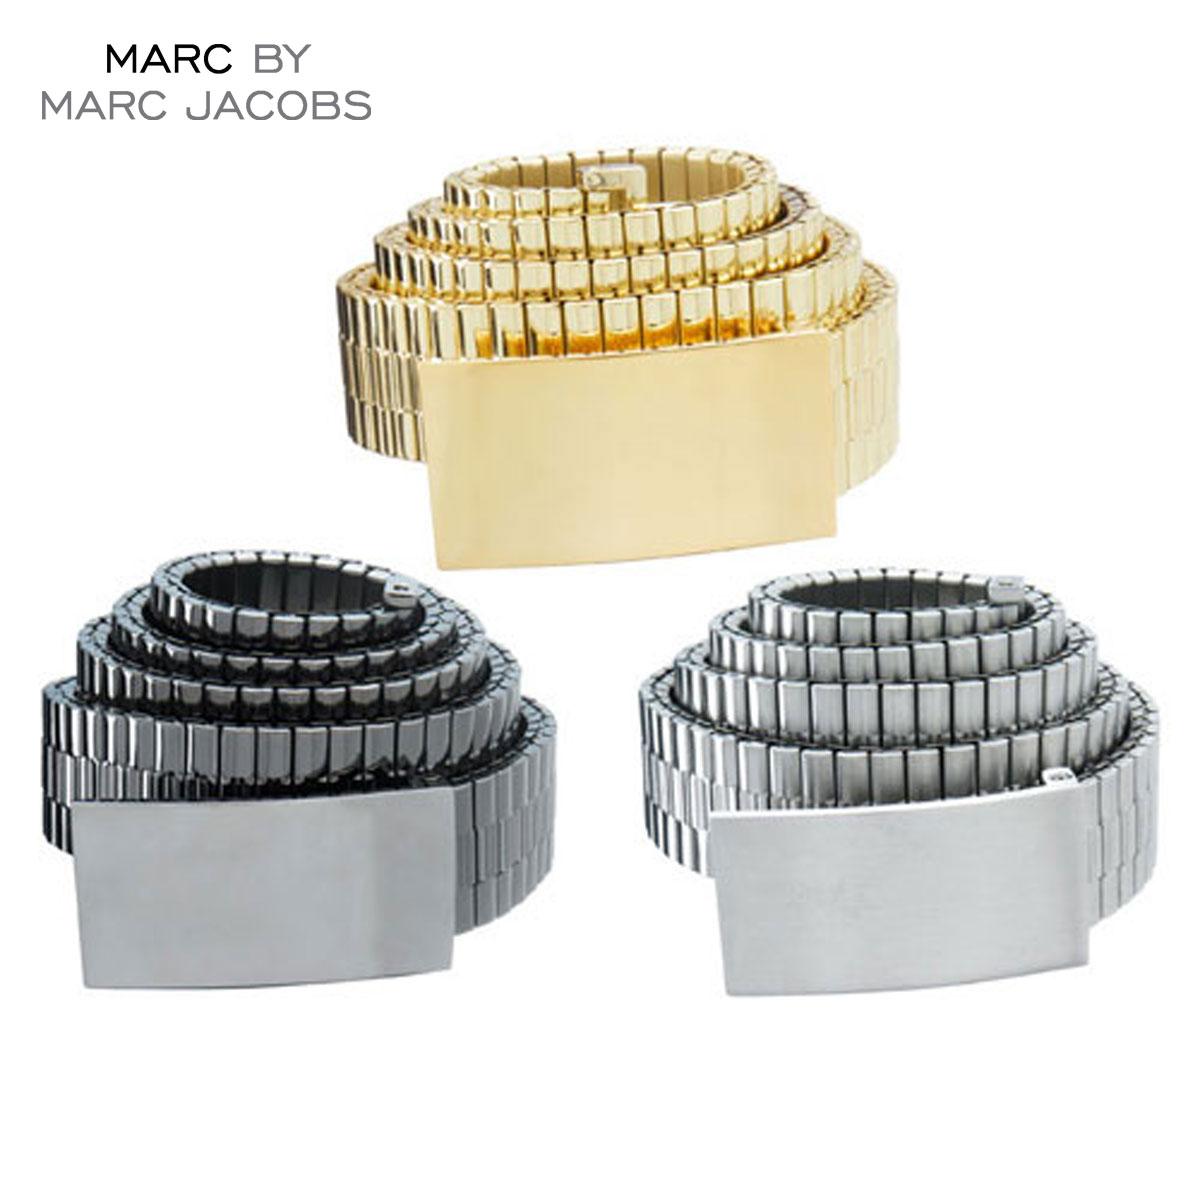 【販売期間 2/20 10:00〜2/25 09:59】 マークジェイコブス MARCJACOBS 正規品 ウォッチベルトWatch Belts D20S30